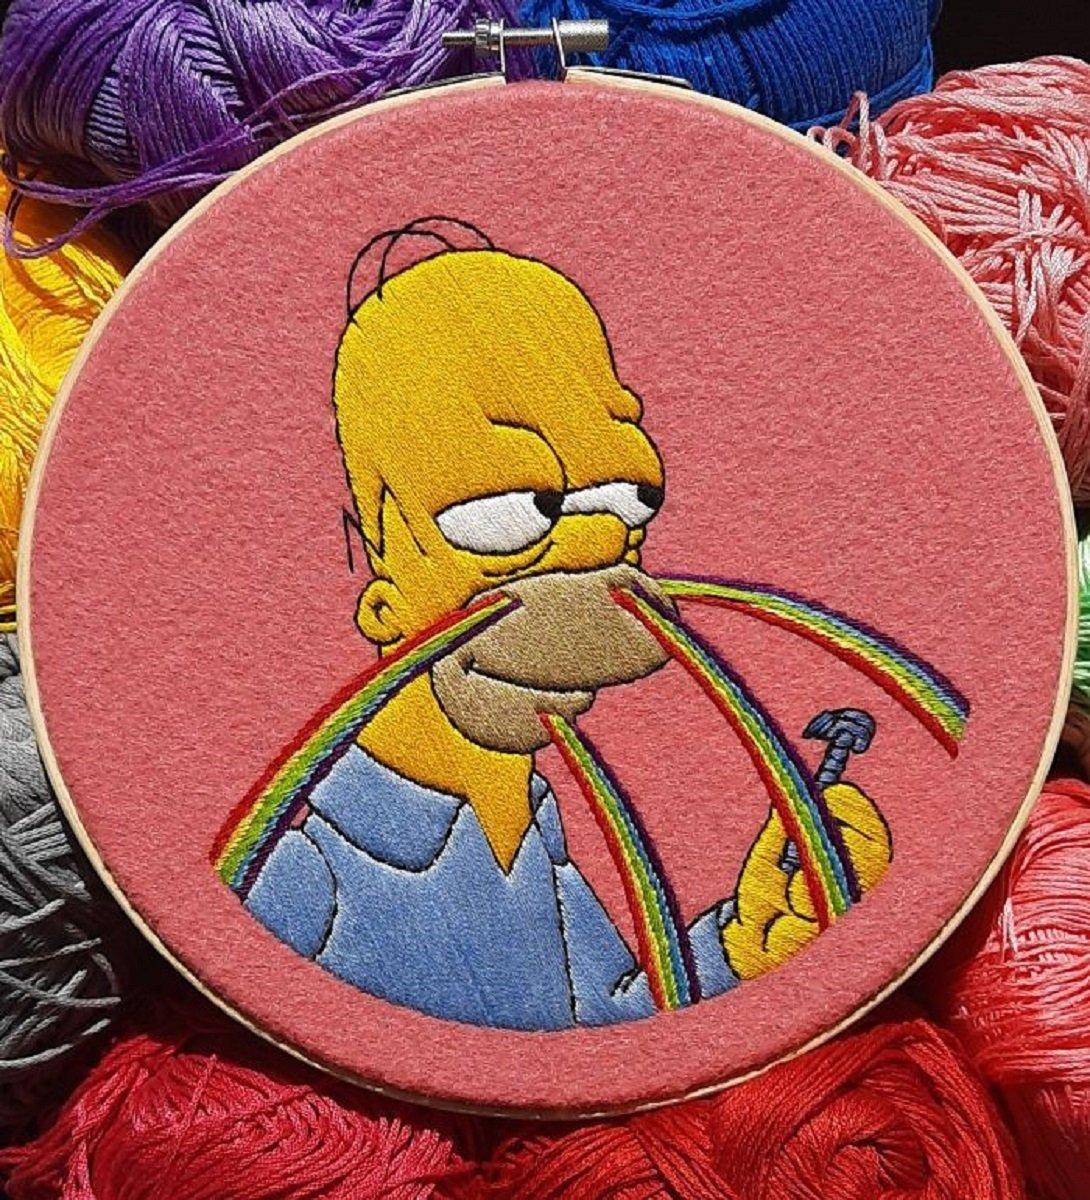 Artista Gabriela Martinez cria bordados de cenas de Os Simpsons 11